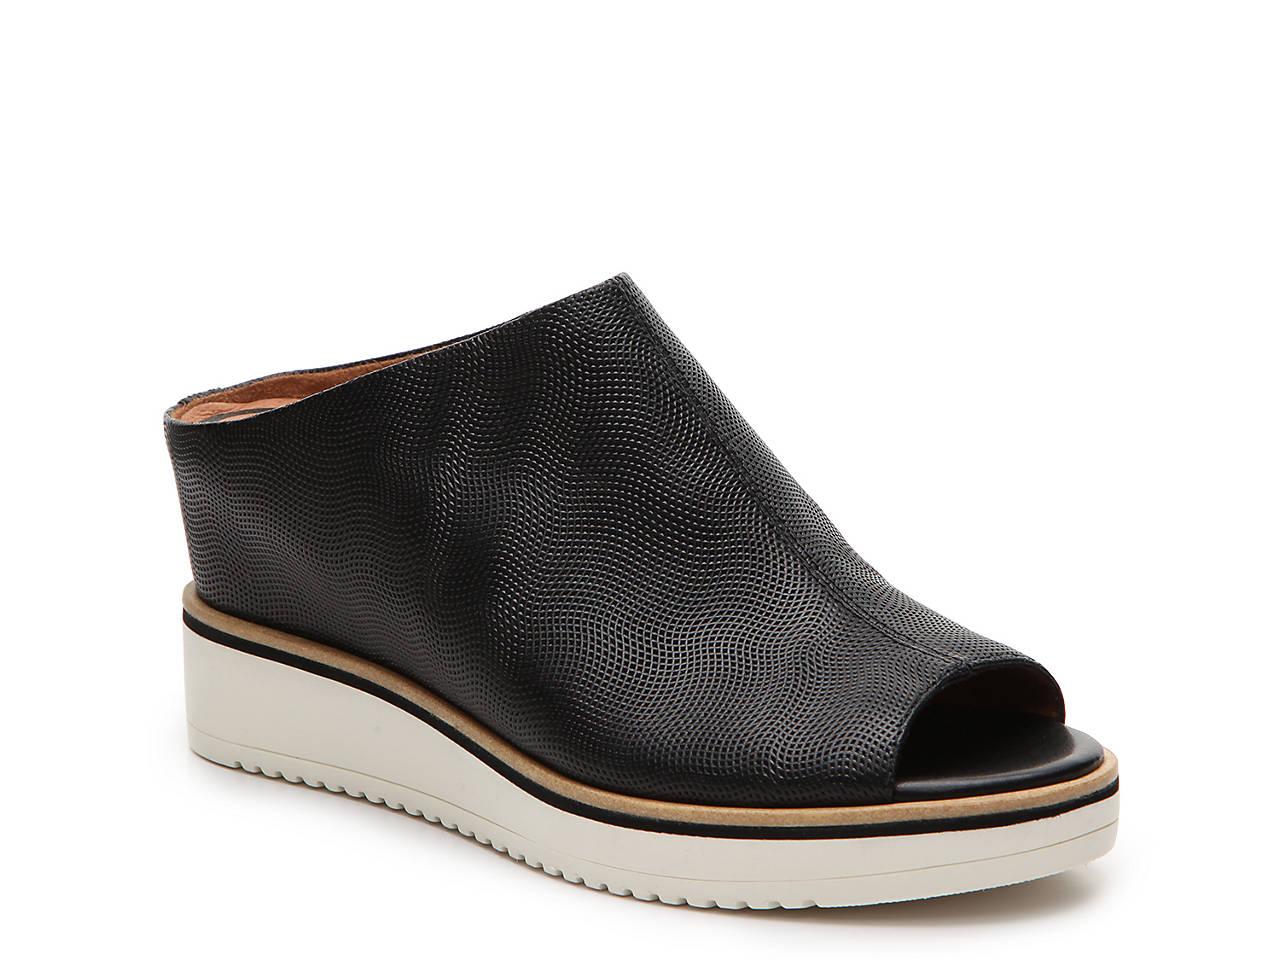 26bc5bfb237 Tamaris Alis Wedge Sandal Women s Shoes